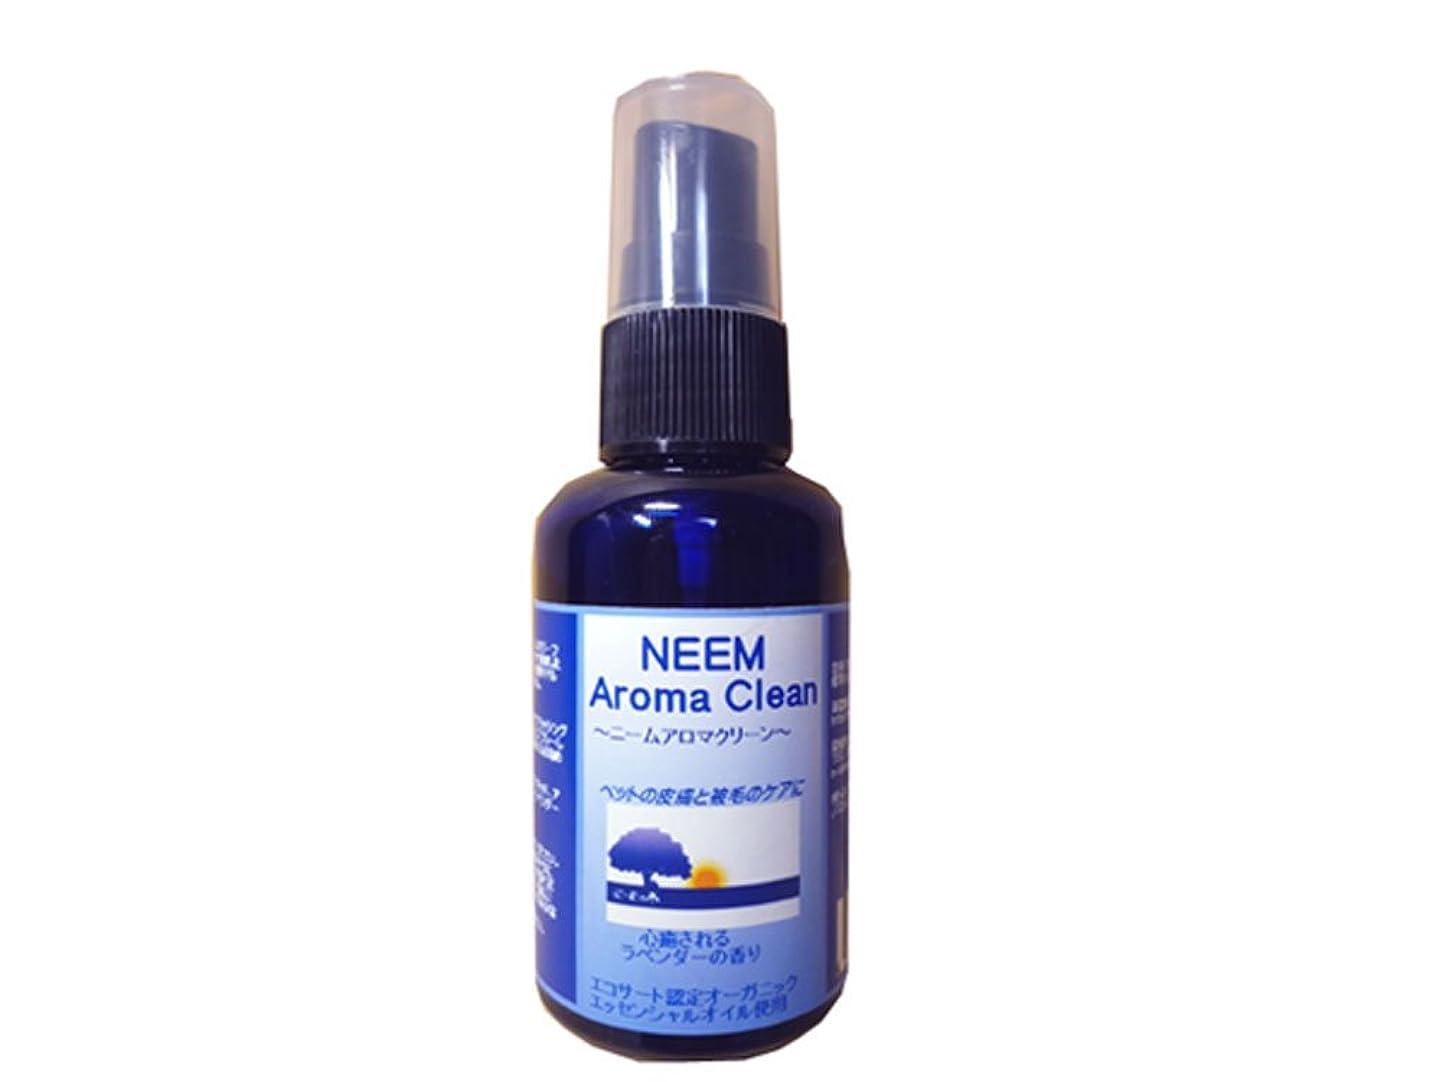 騒乱予防接種ホテルニームアロマクリーン(ラベンダー) NEEM Aroma Clean 50ml 【BLOOM】【(ノミ?ダニ)駆除用としてもお使いいただけます。】